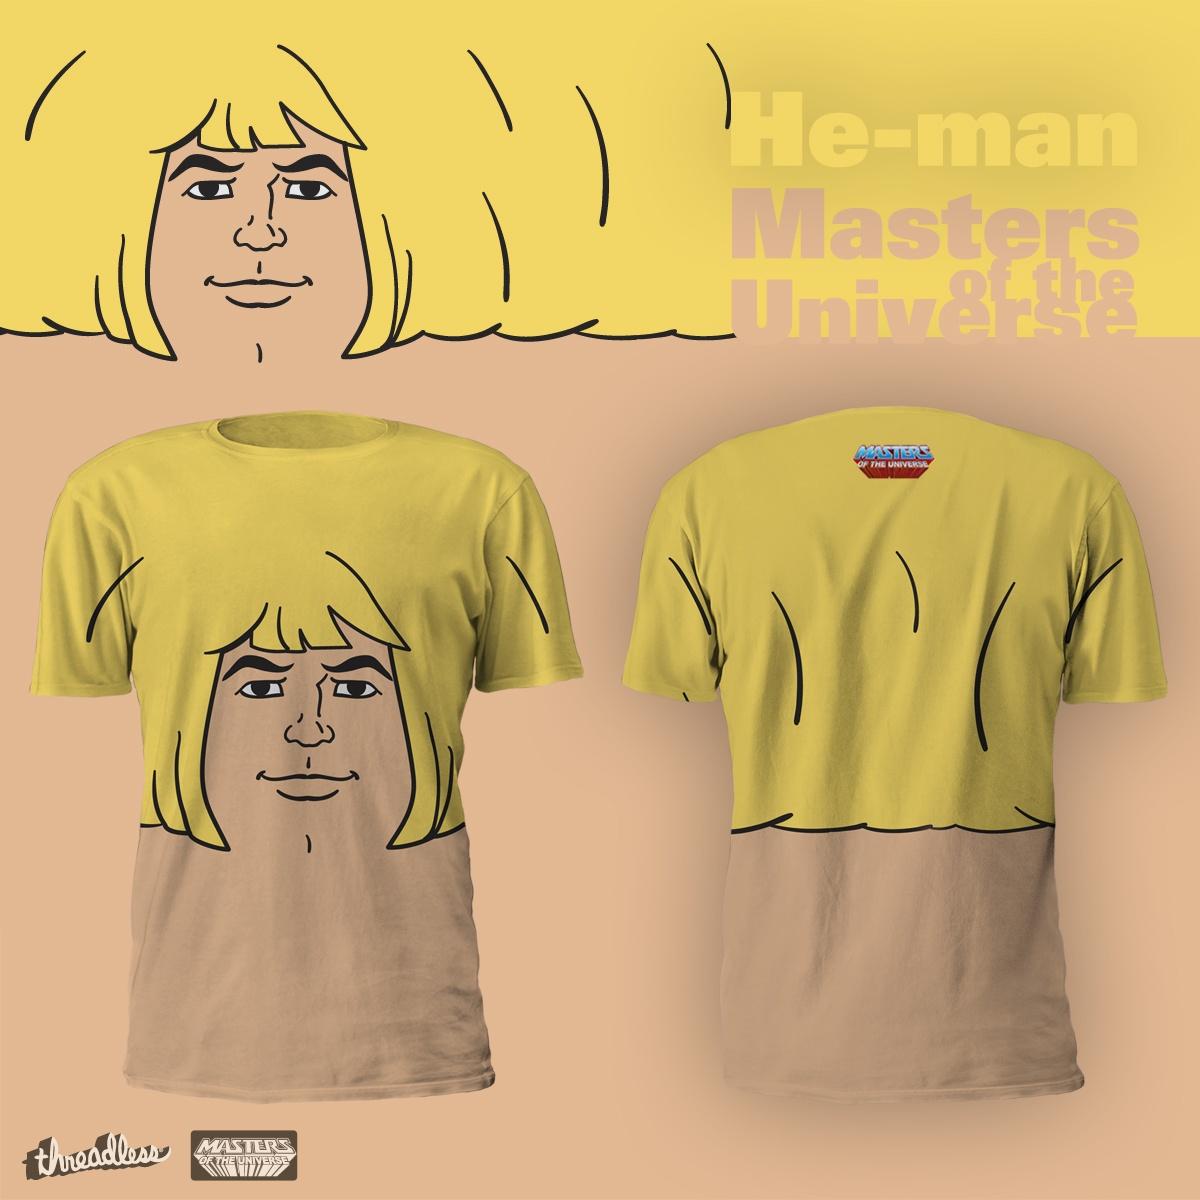 He Man T Shirt